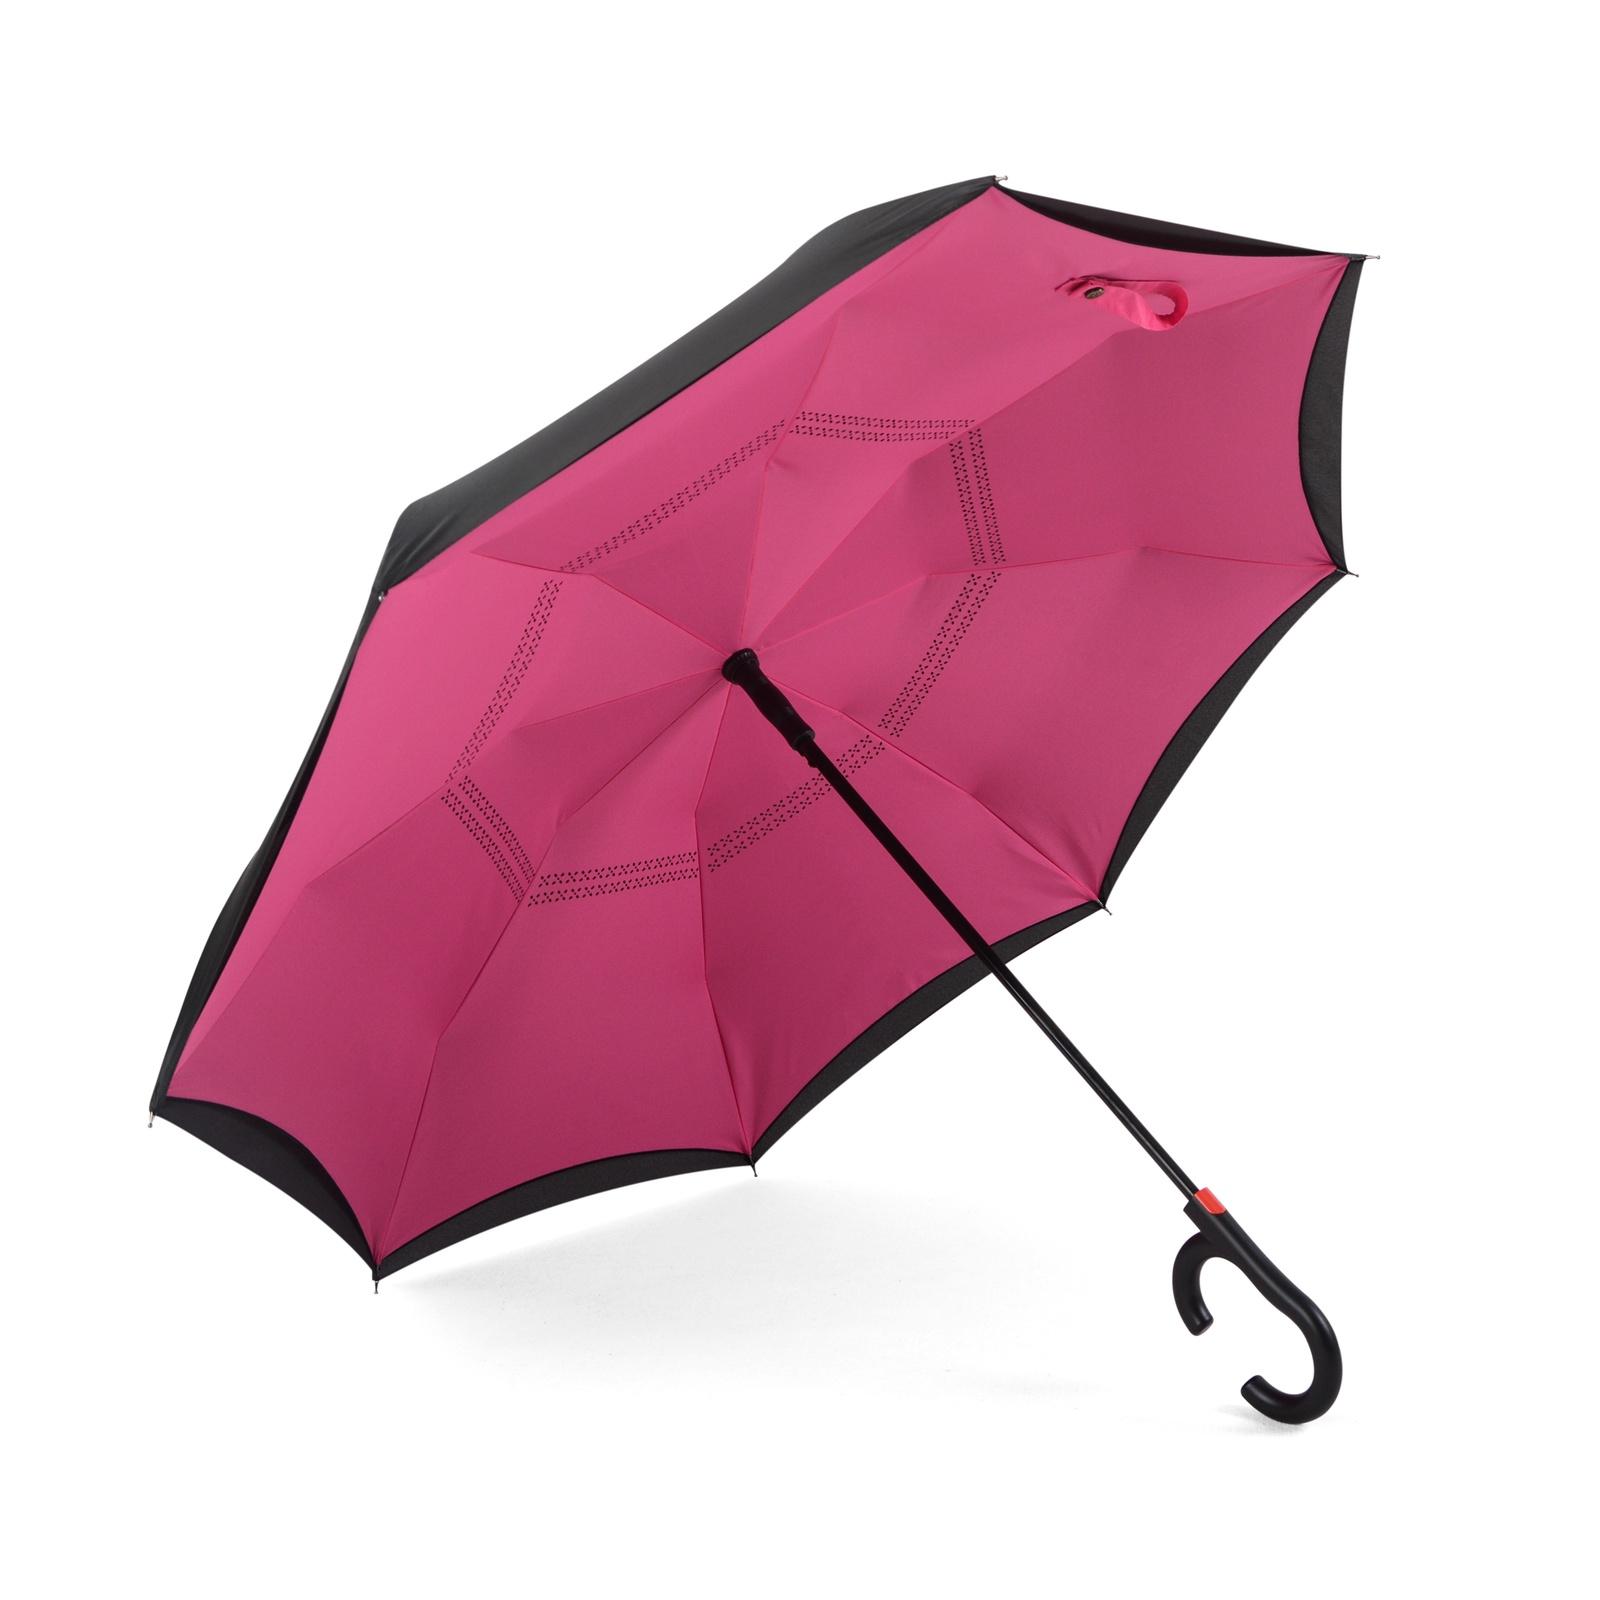 Зонт Maple Leaf обратного сложения, розовый maple leaf print night dress